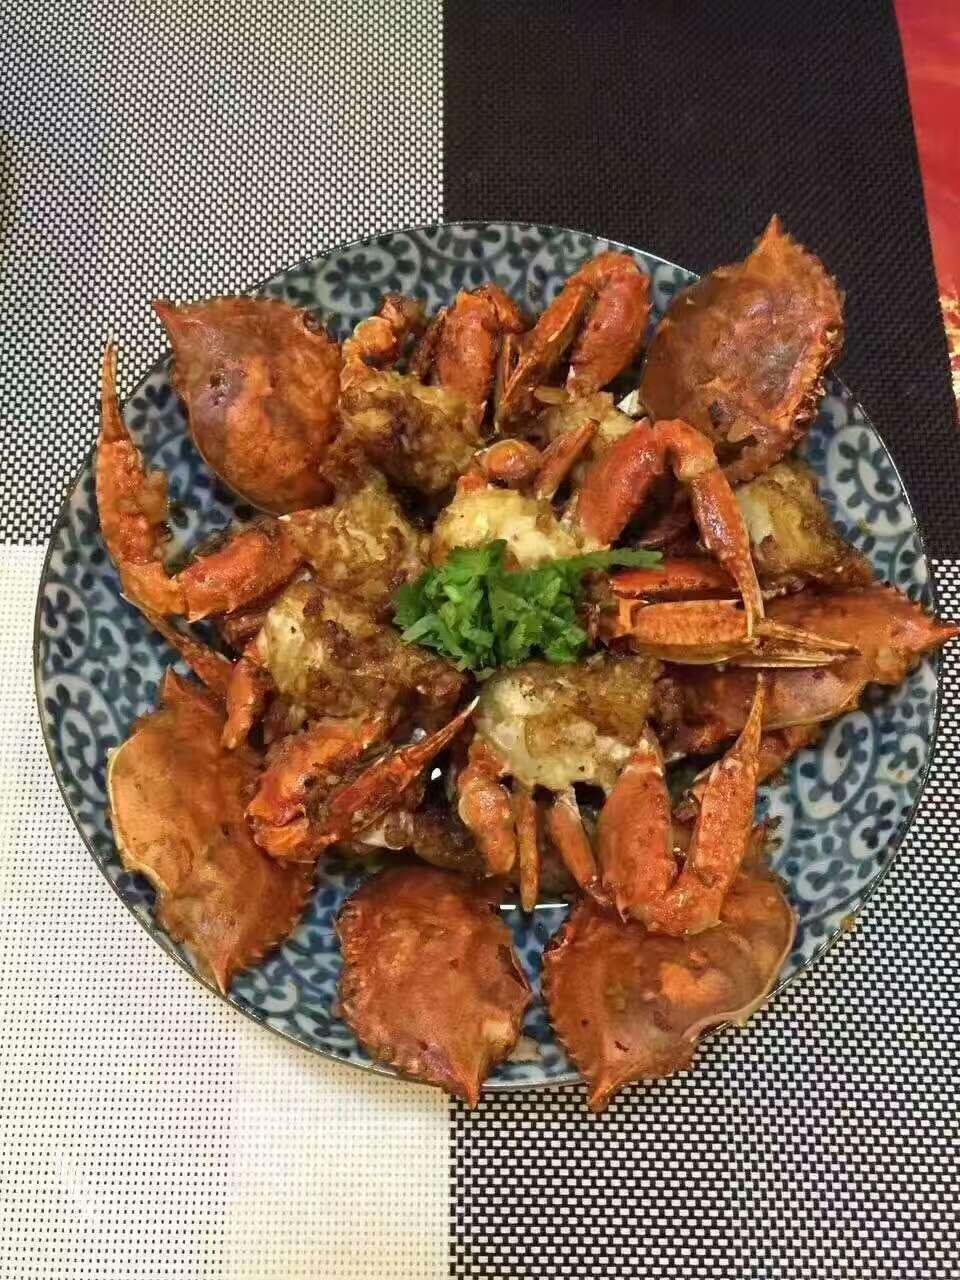 当季的大闸蟹遇到梭子蟹,那就是鲜鲜鲜!_哔哩哔哩... -bilibili